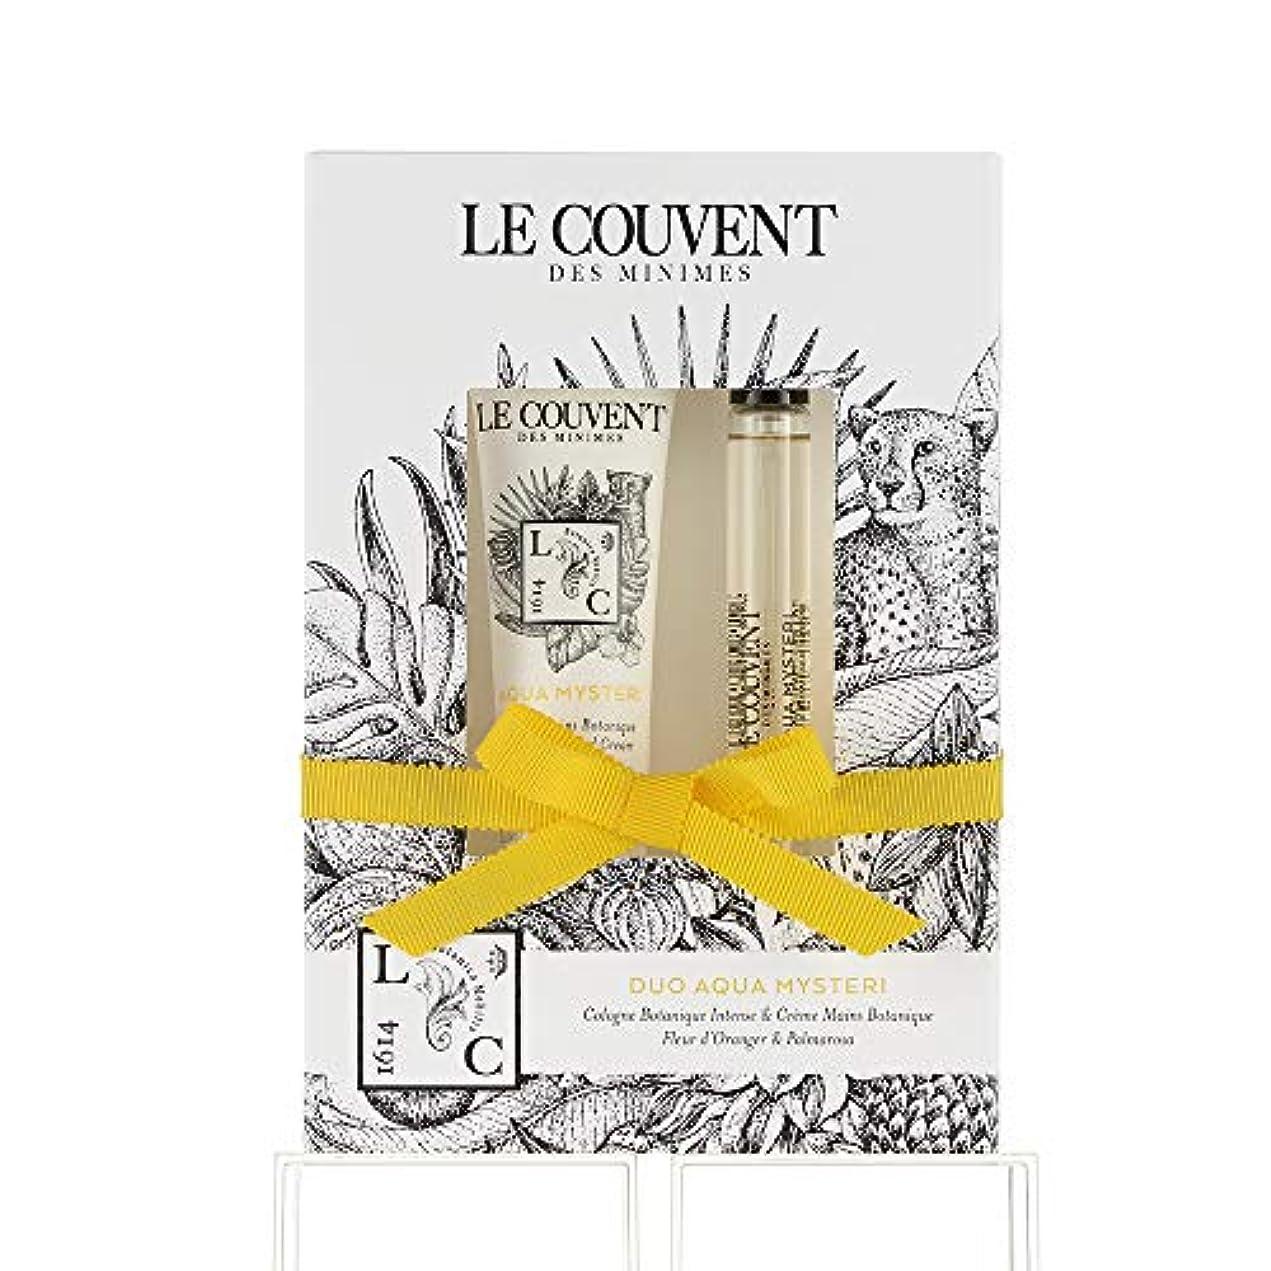 謎黄ばむクレアクヴォン?デ?ミニム(Le Couvent des Minimes) ボタニカルデュオ ボタニカルコロン アクアミステリ10mL×1、アクアミステリ ハンドクリーム30g×1